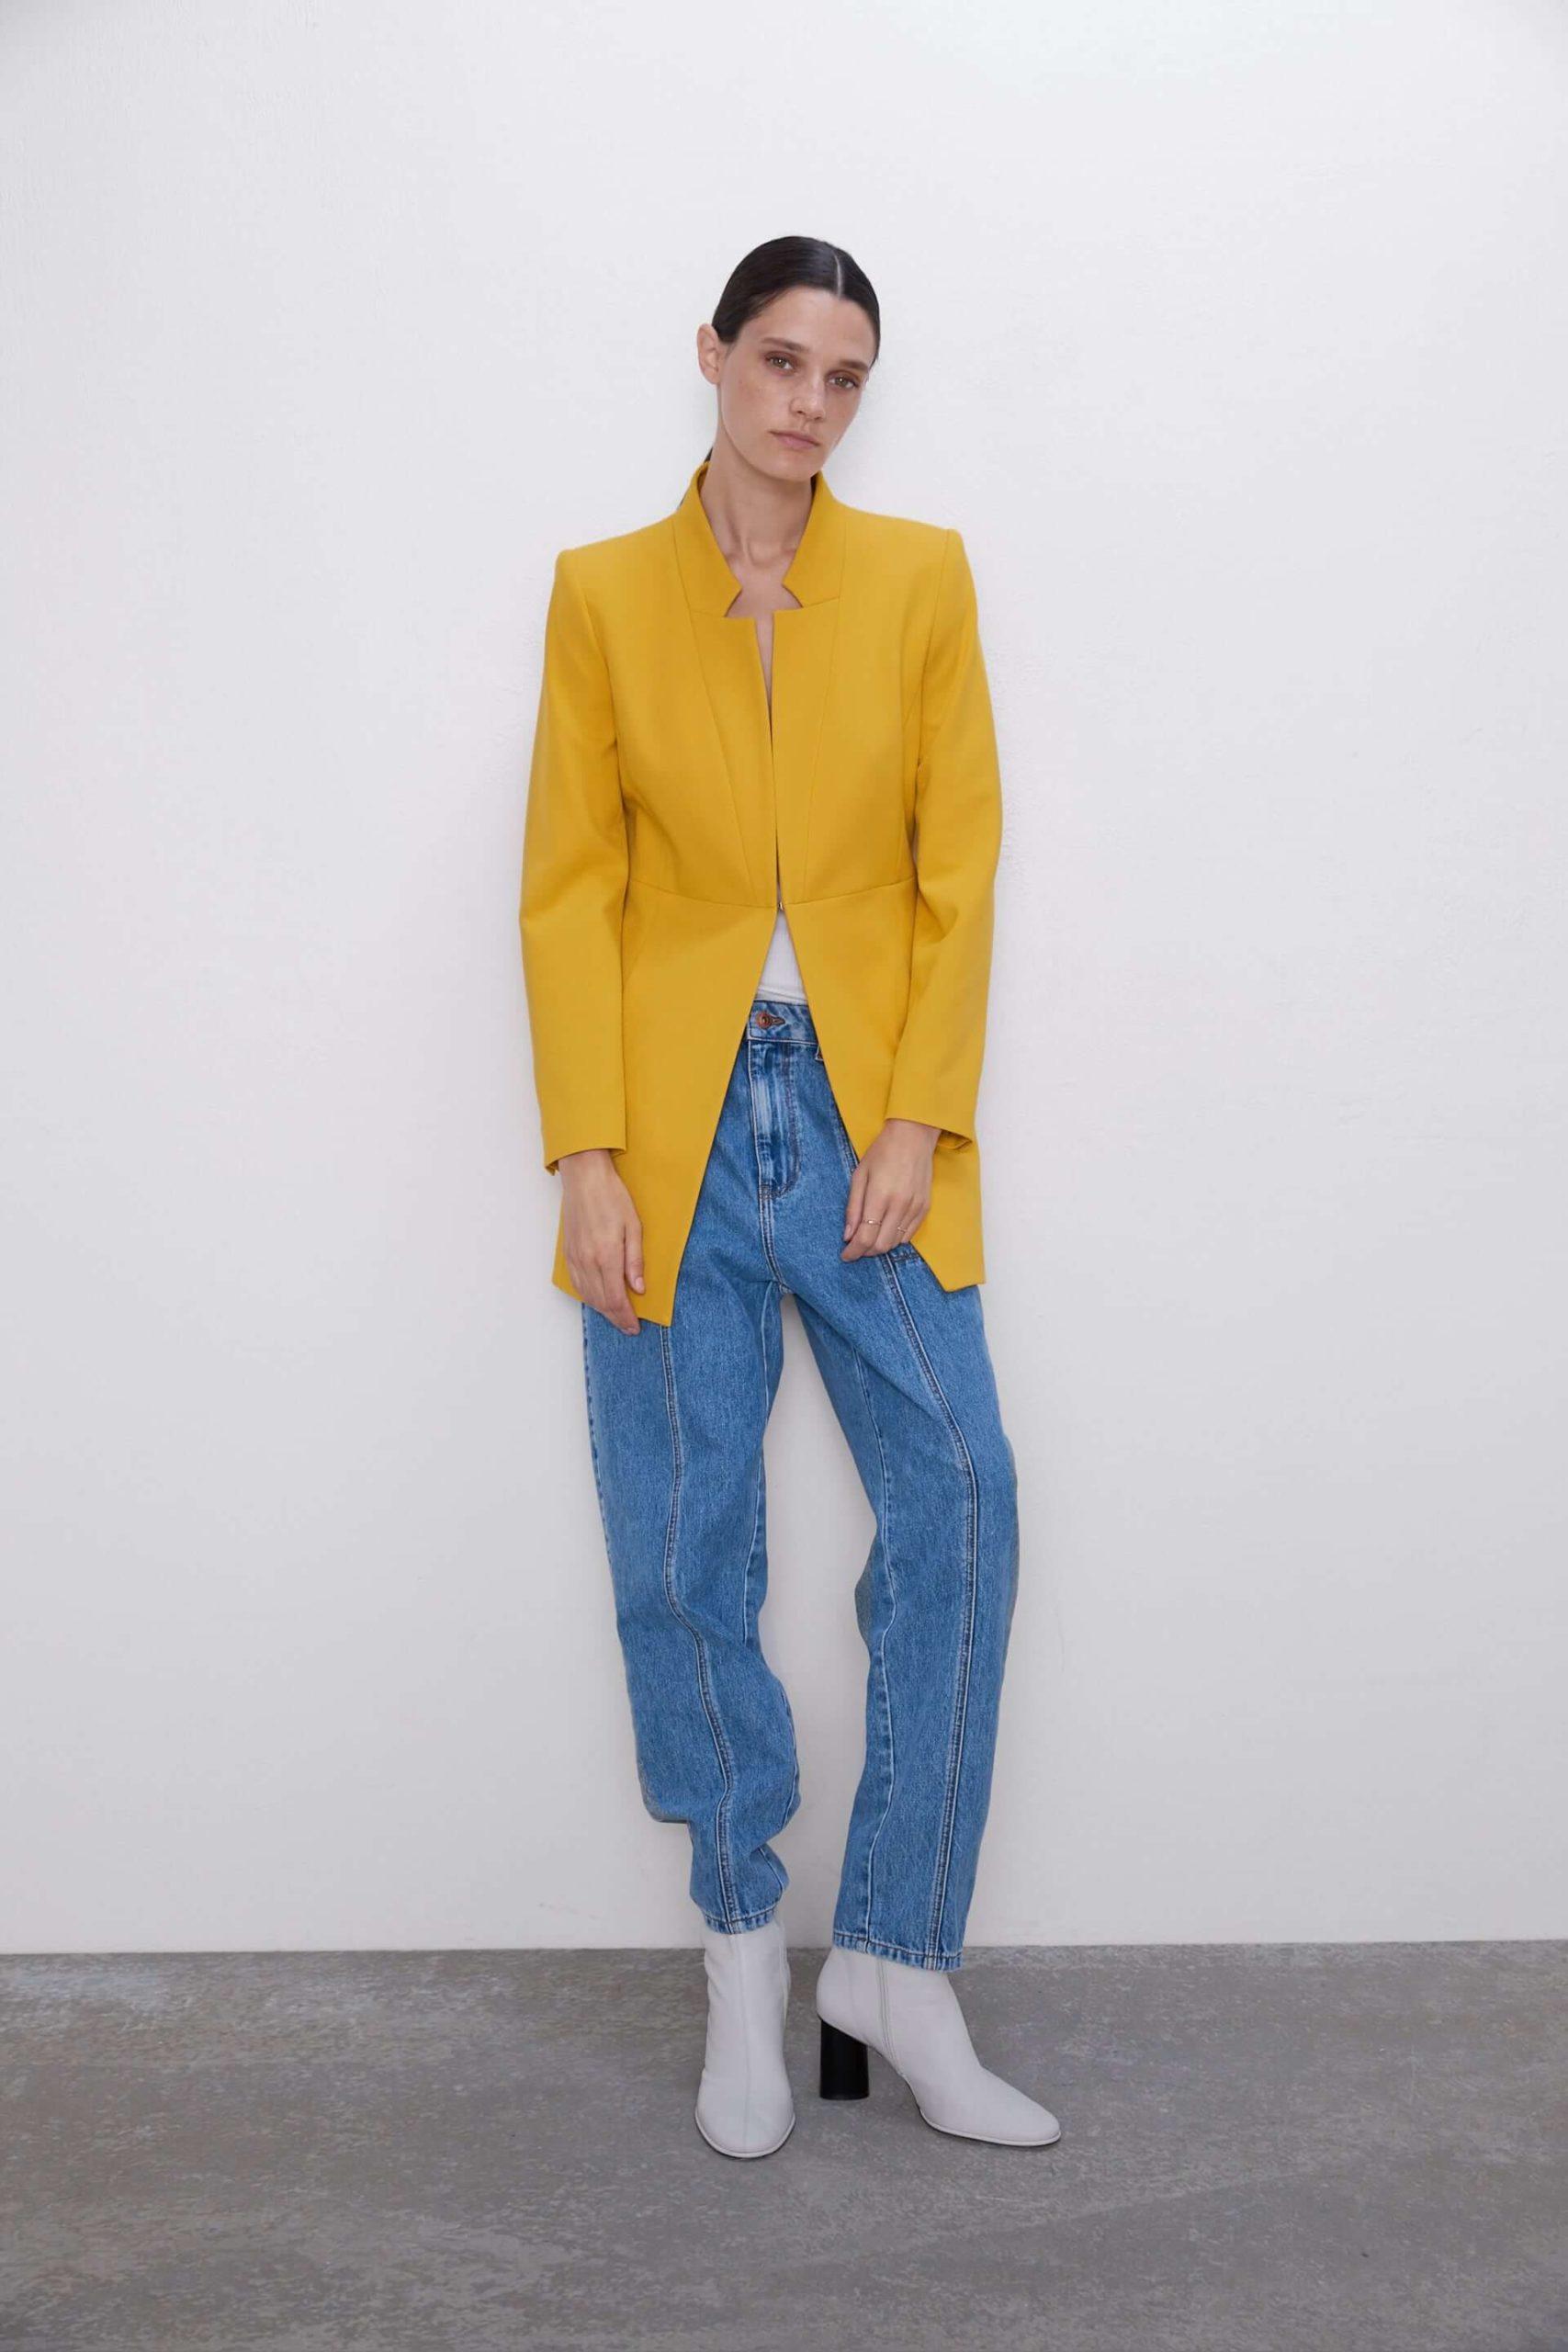 Zara Kadın Mont Modelleri